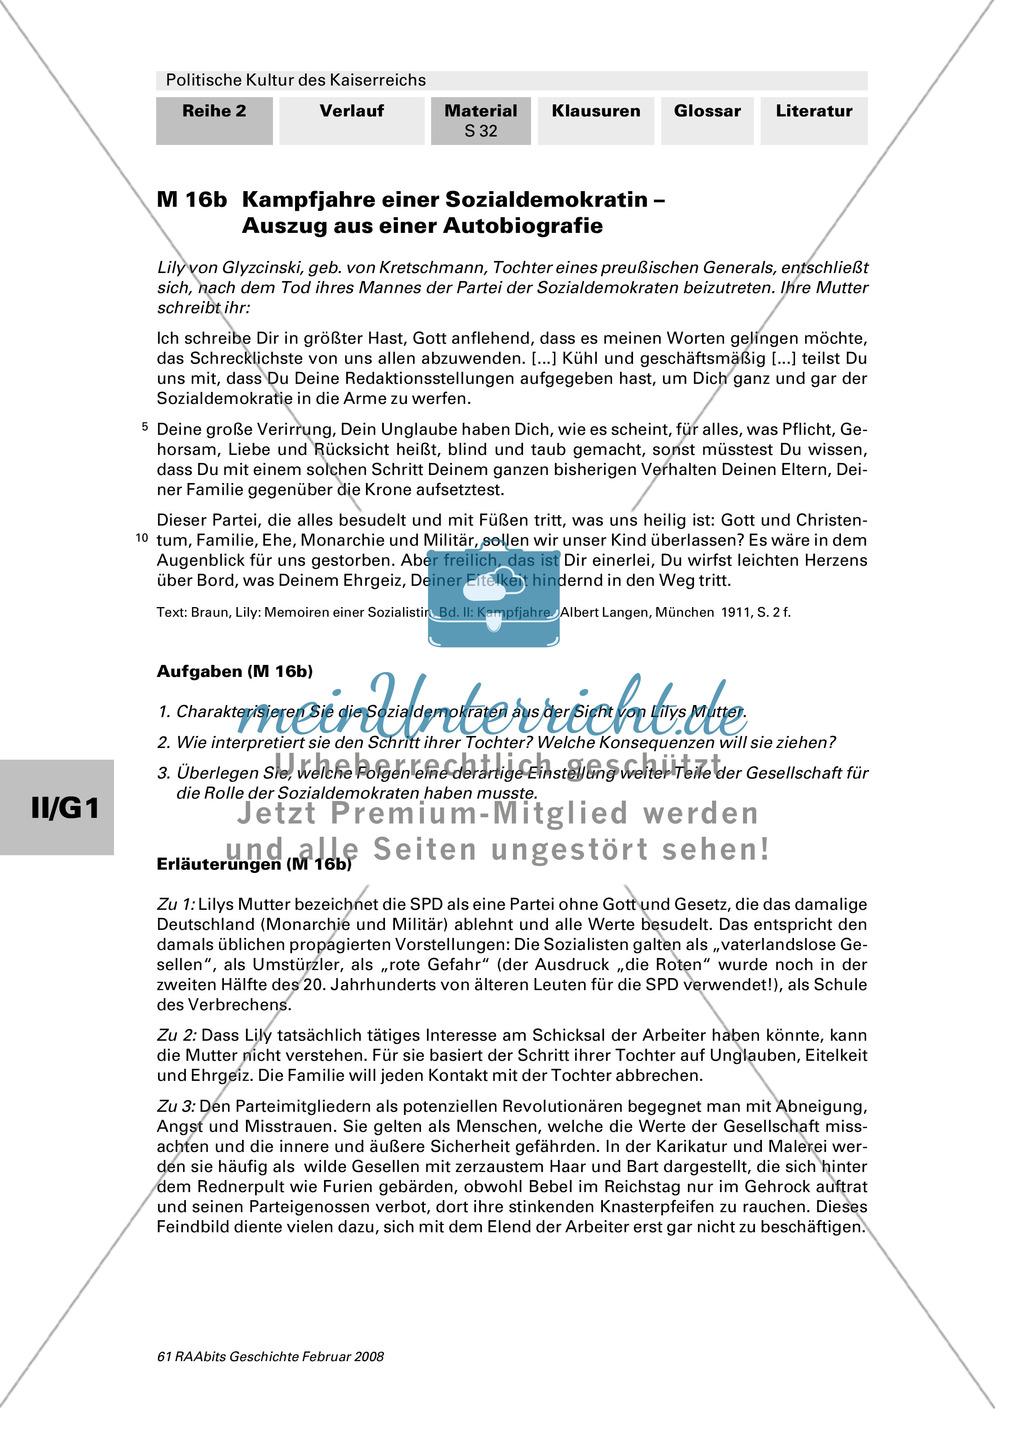 Politische Kultur des Kaiserreichs: Ausgrenzung im Kaiserreich Preview 6